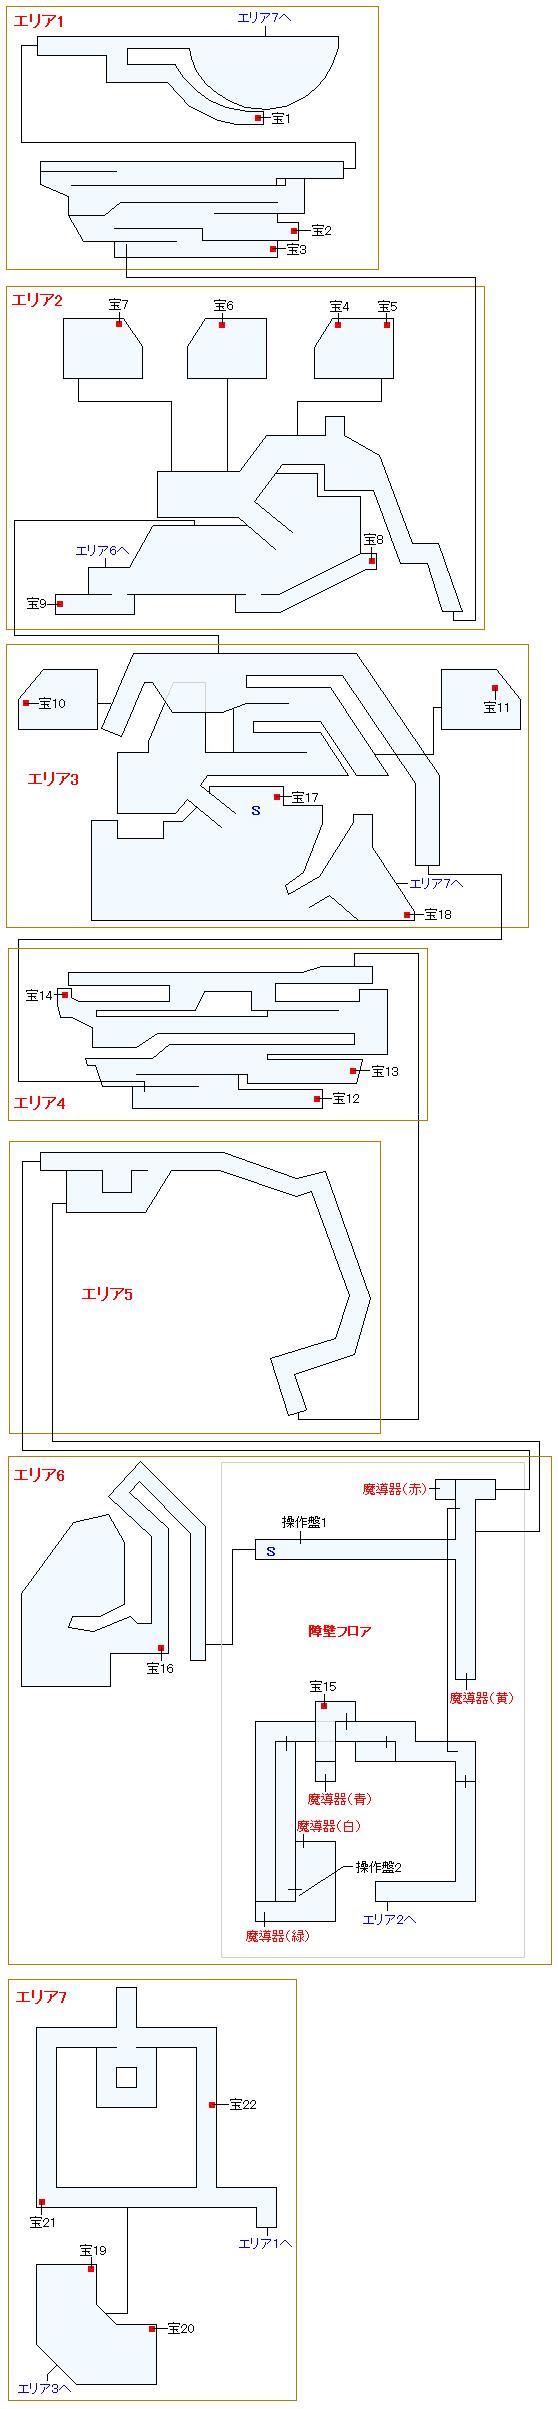 移動要塞ヘラクレスマップ